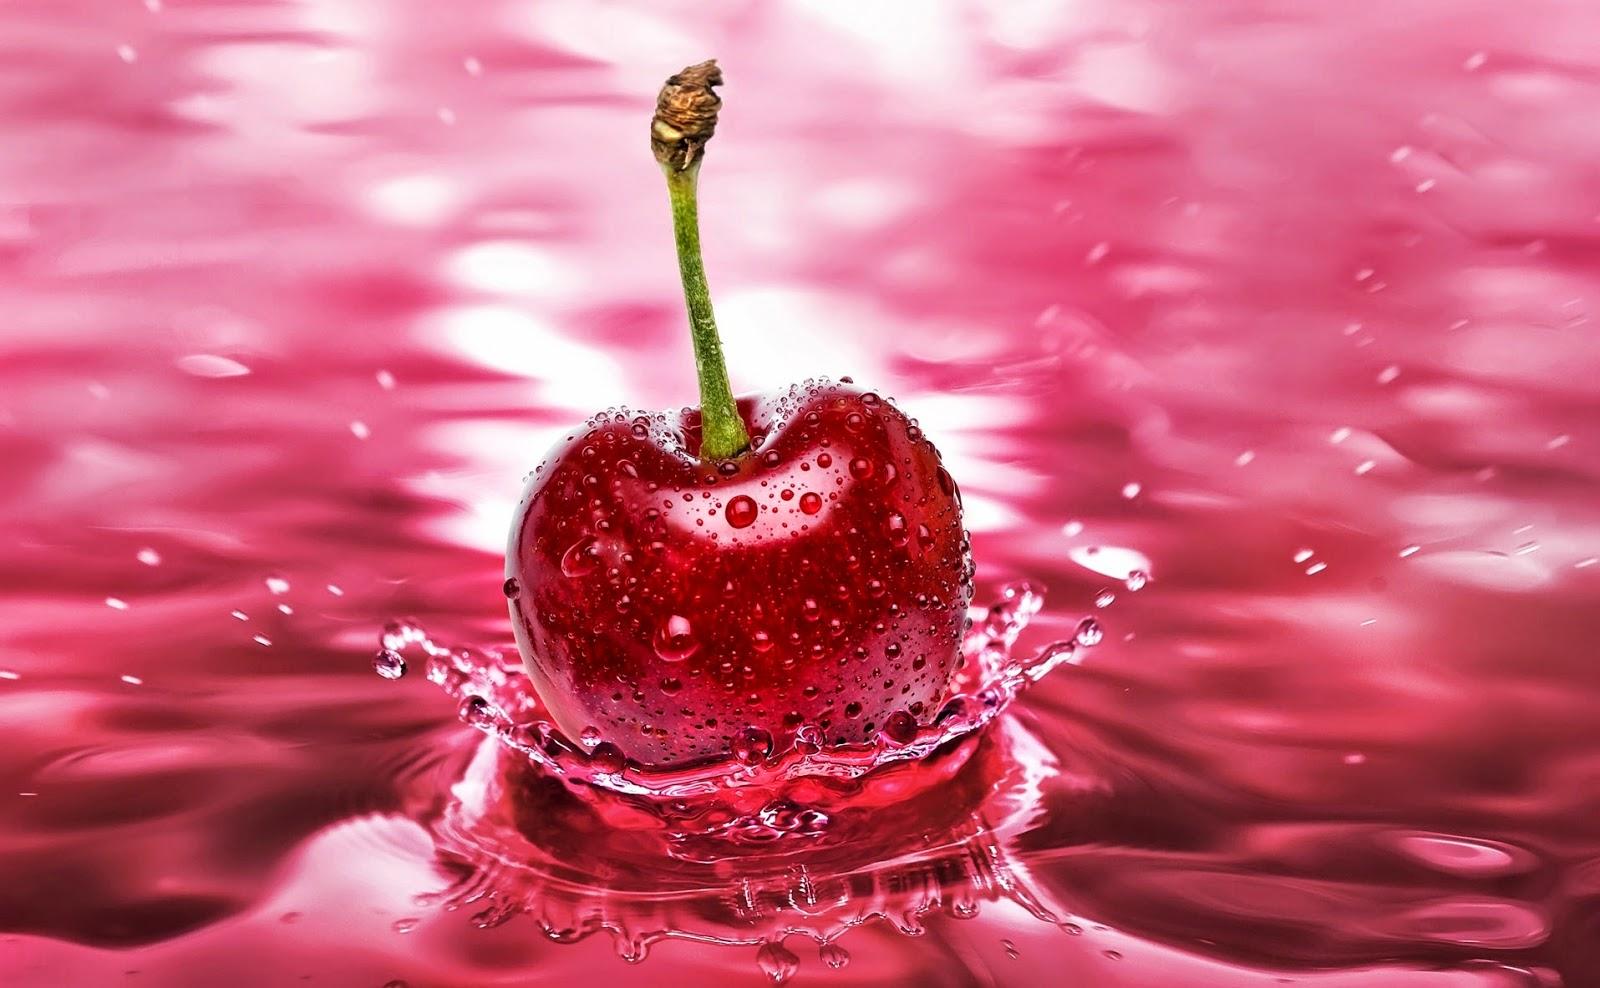 Rode kers valt in roze water